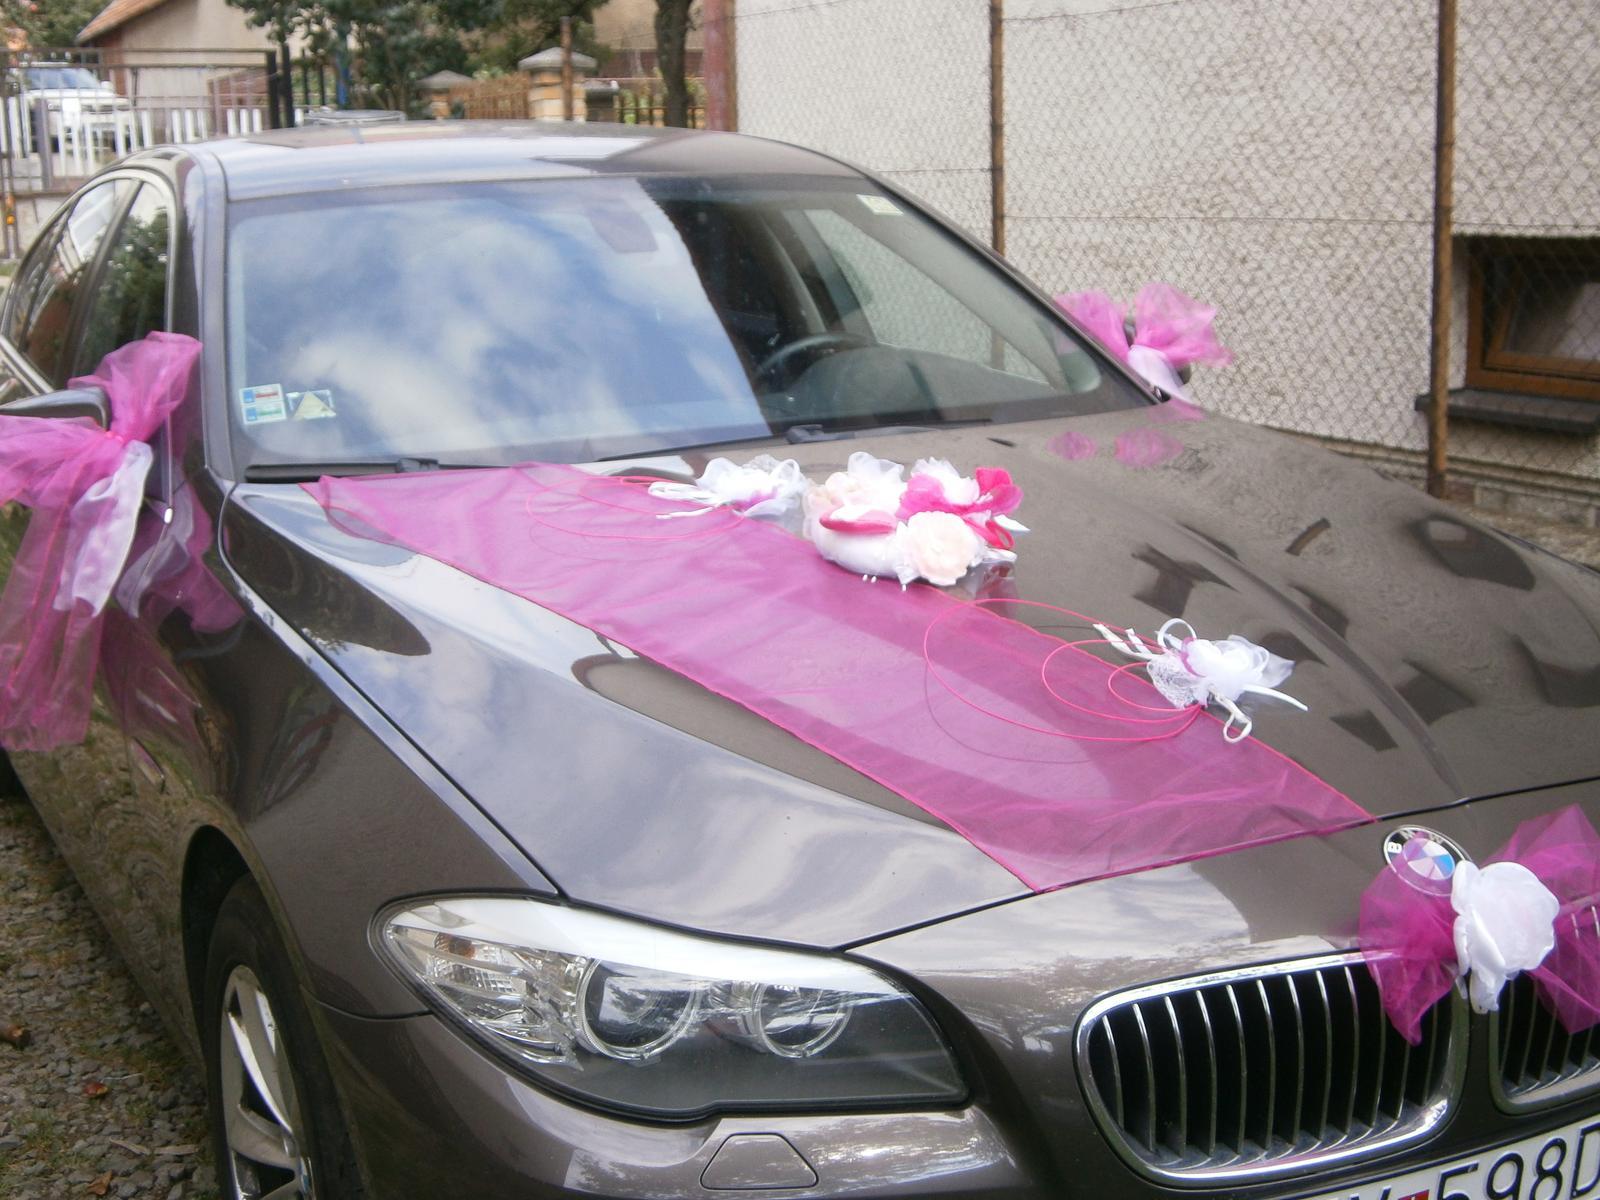 Svadobné dekorácie - skladom - Obrázok č. 46